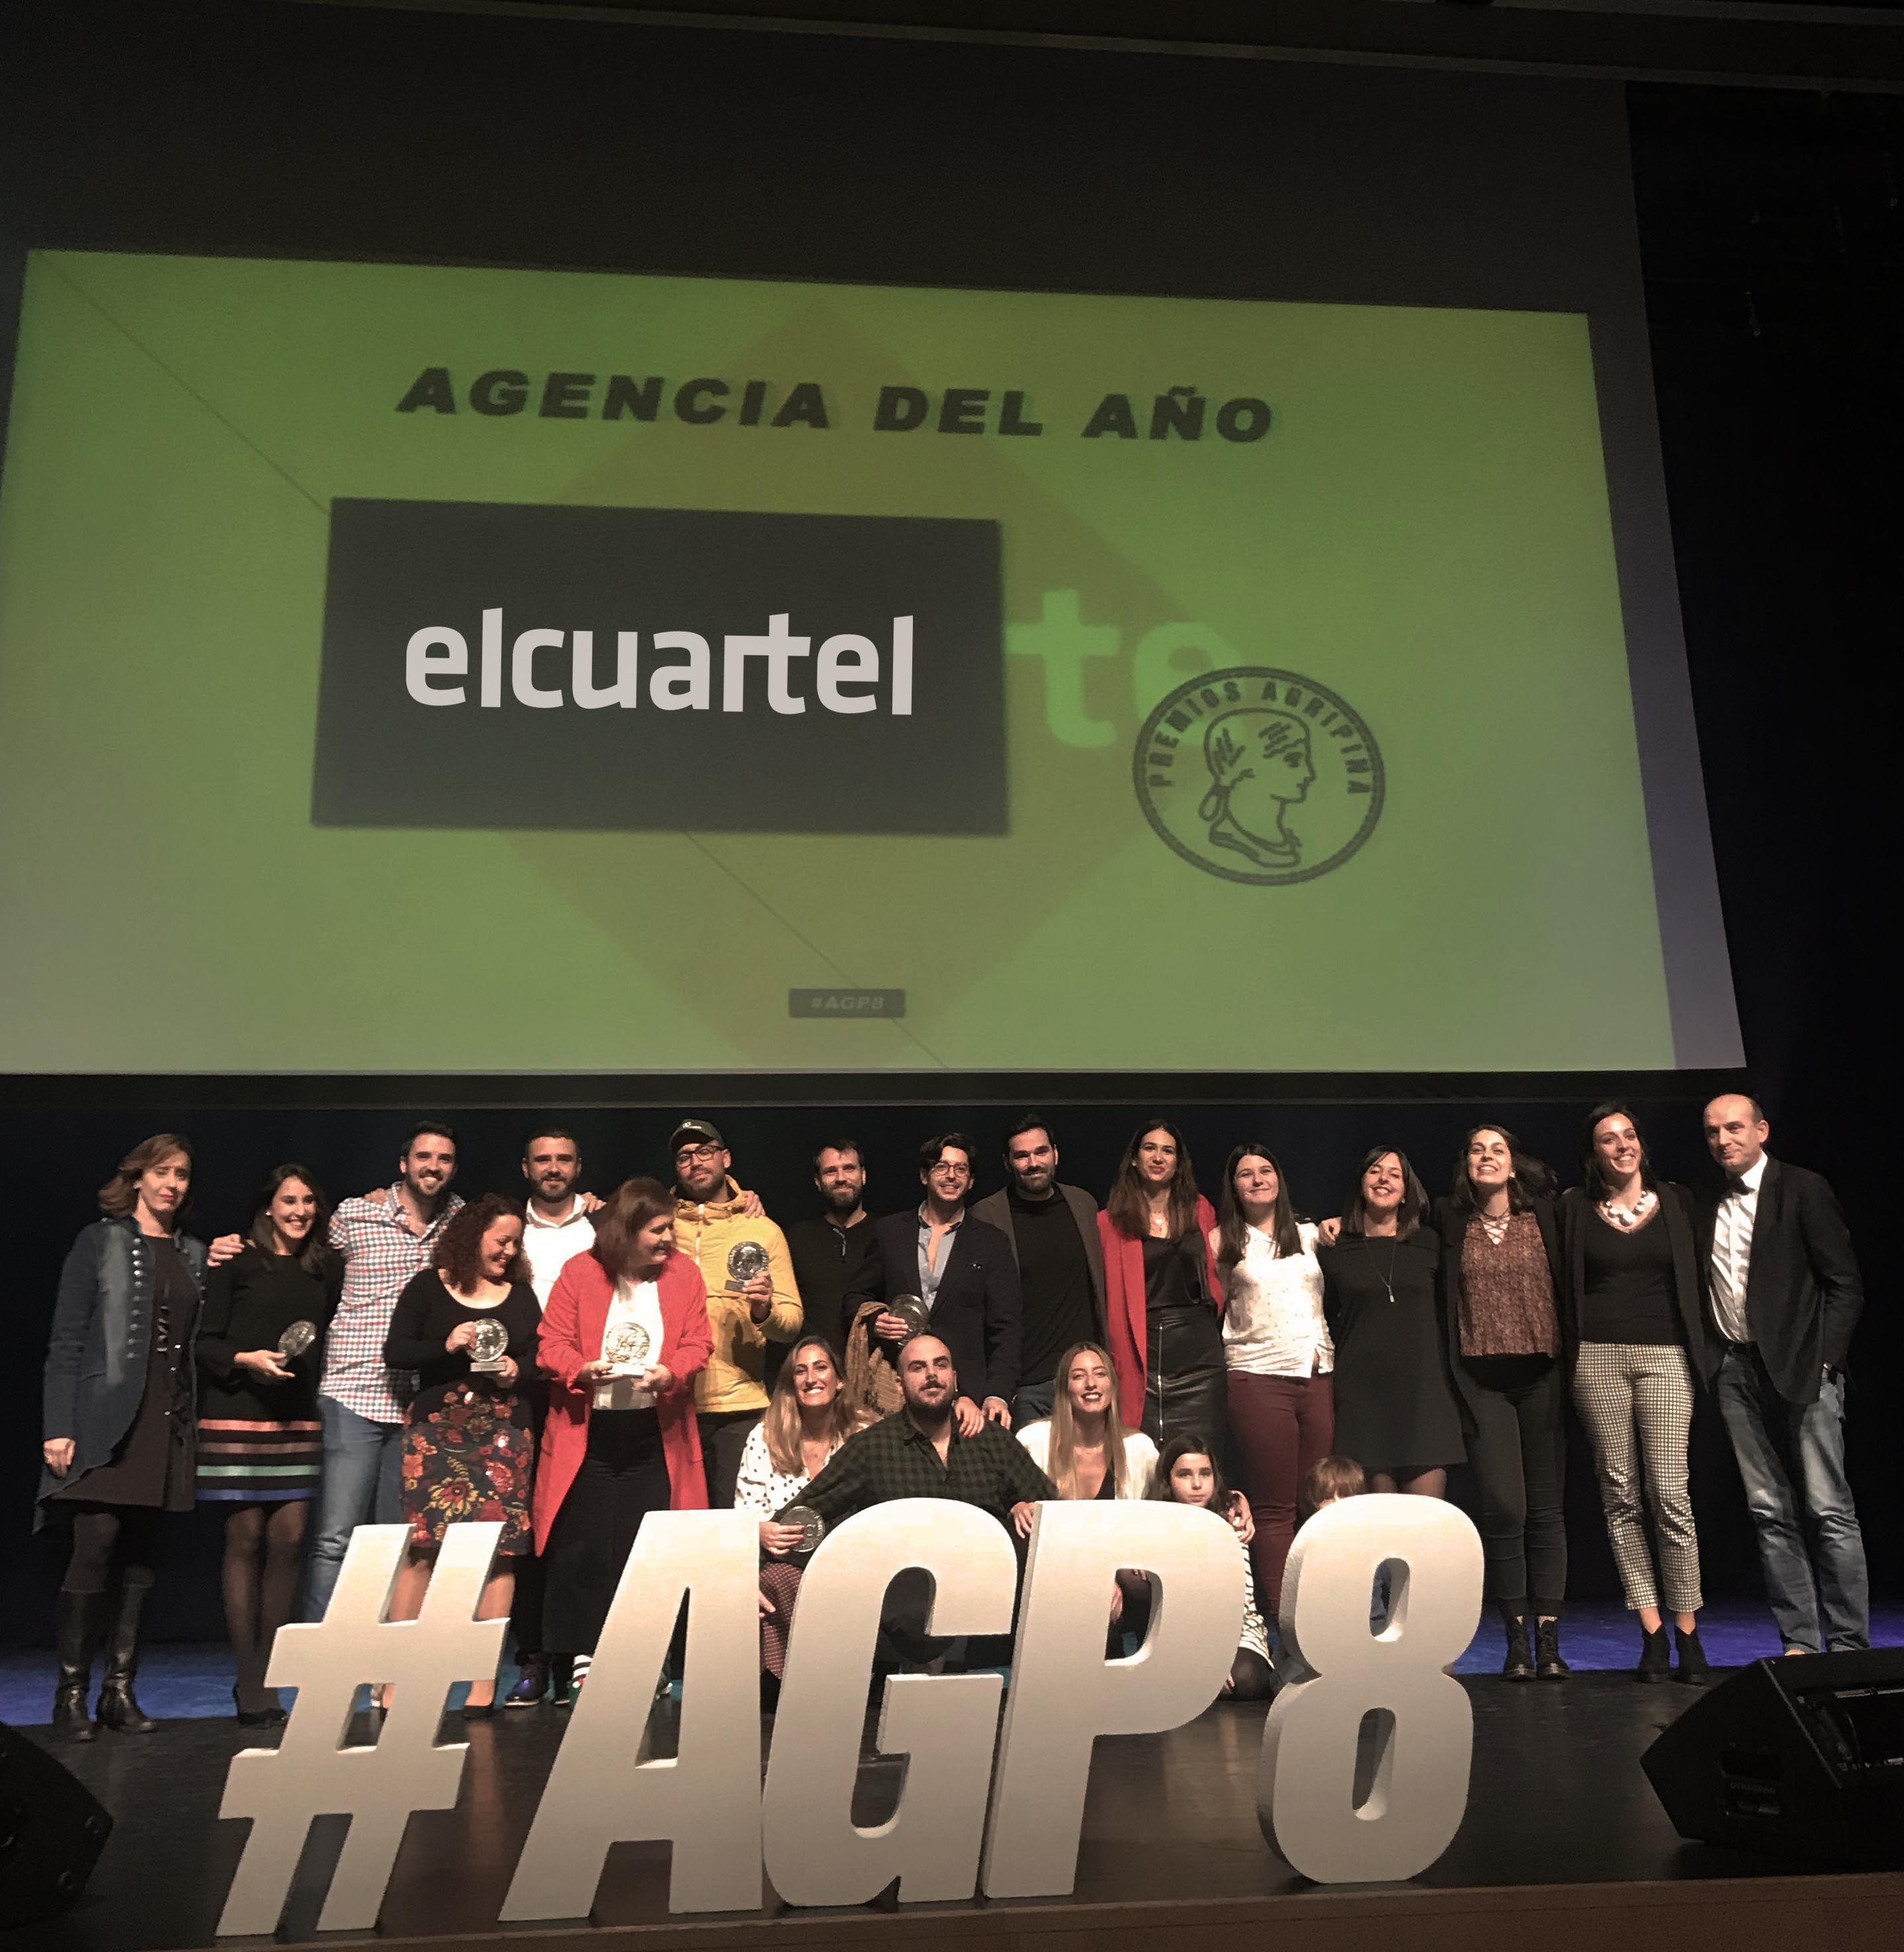 cuartel única agencia española consigue galardón año